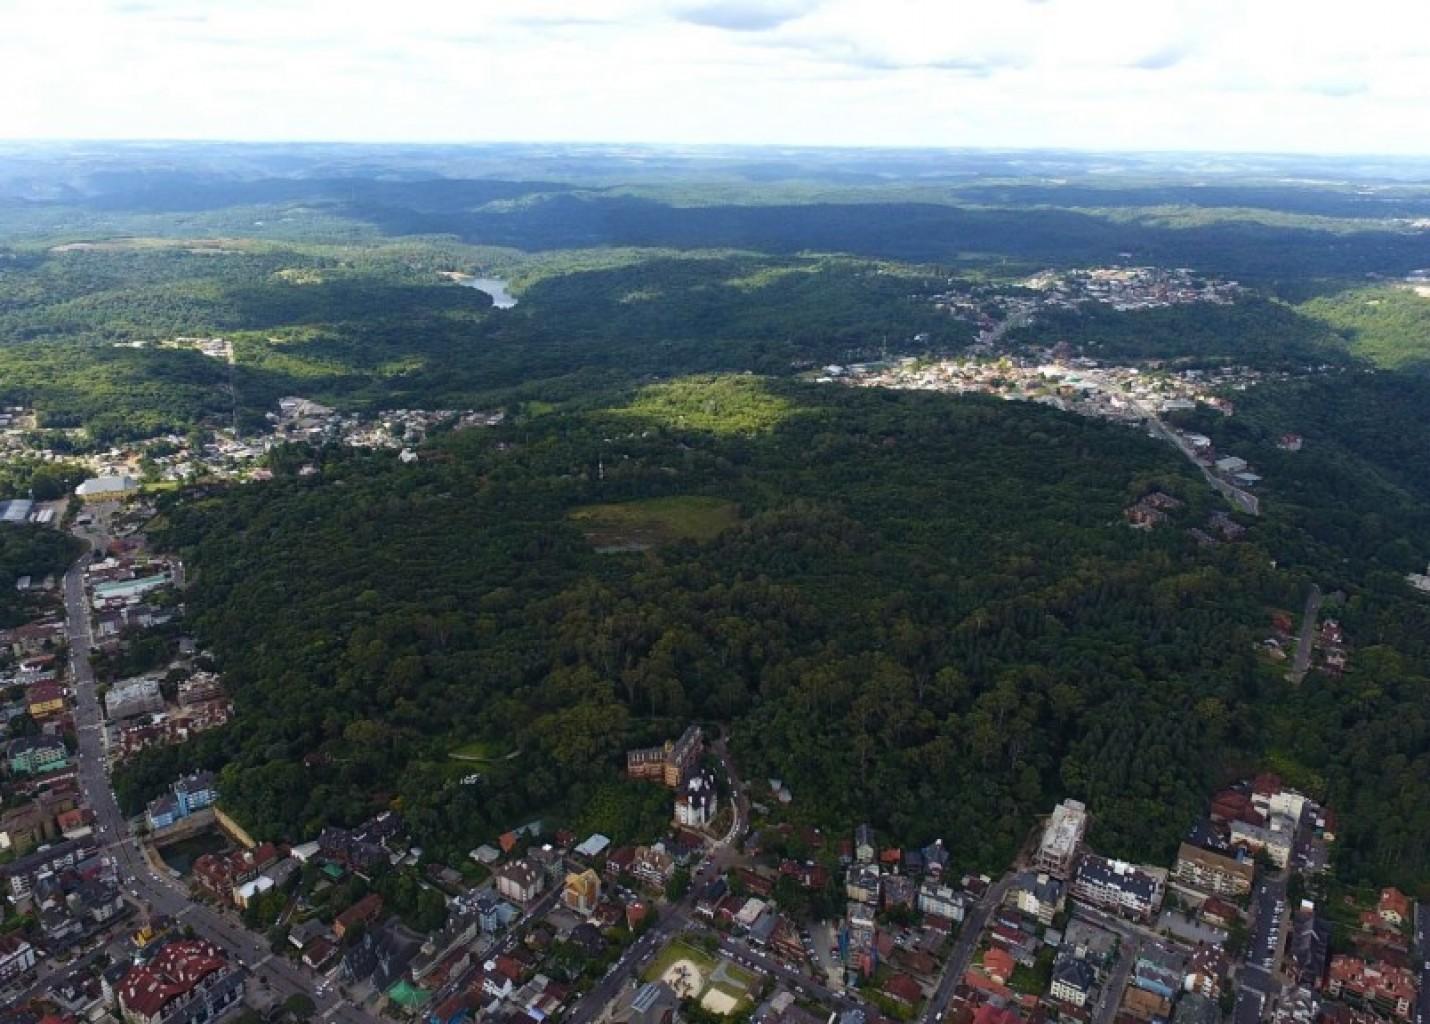 Marriott abrirá hotel de bandeira W em Gramado (RS)